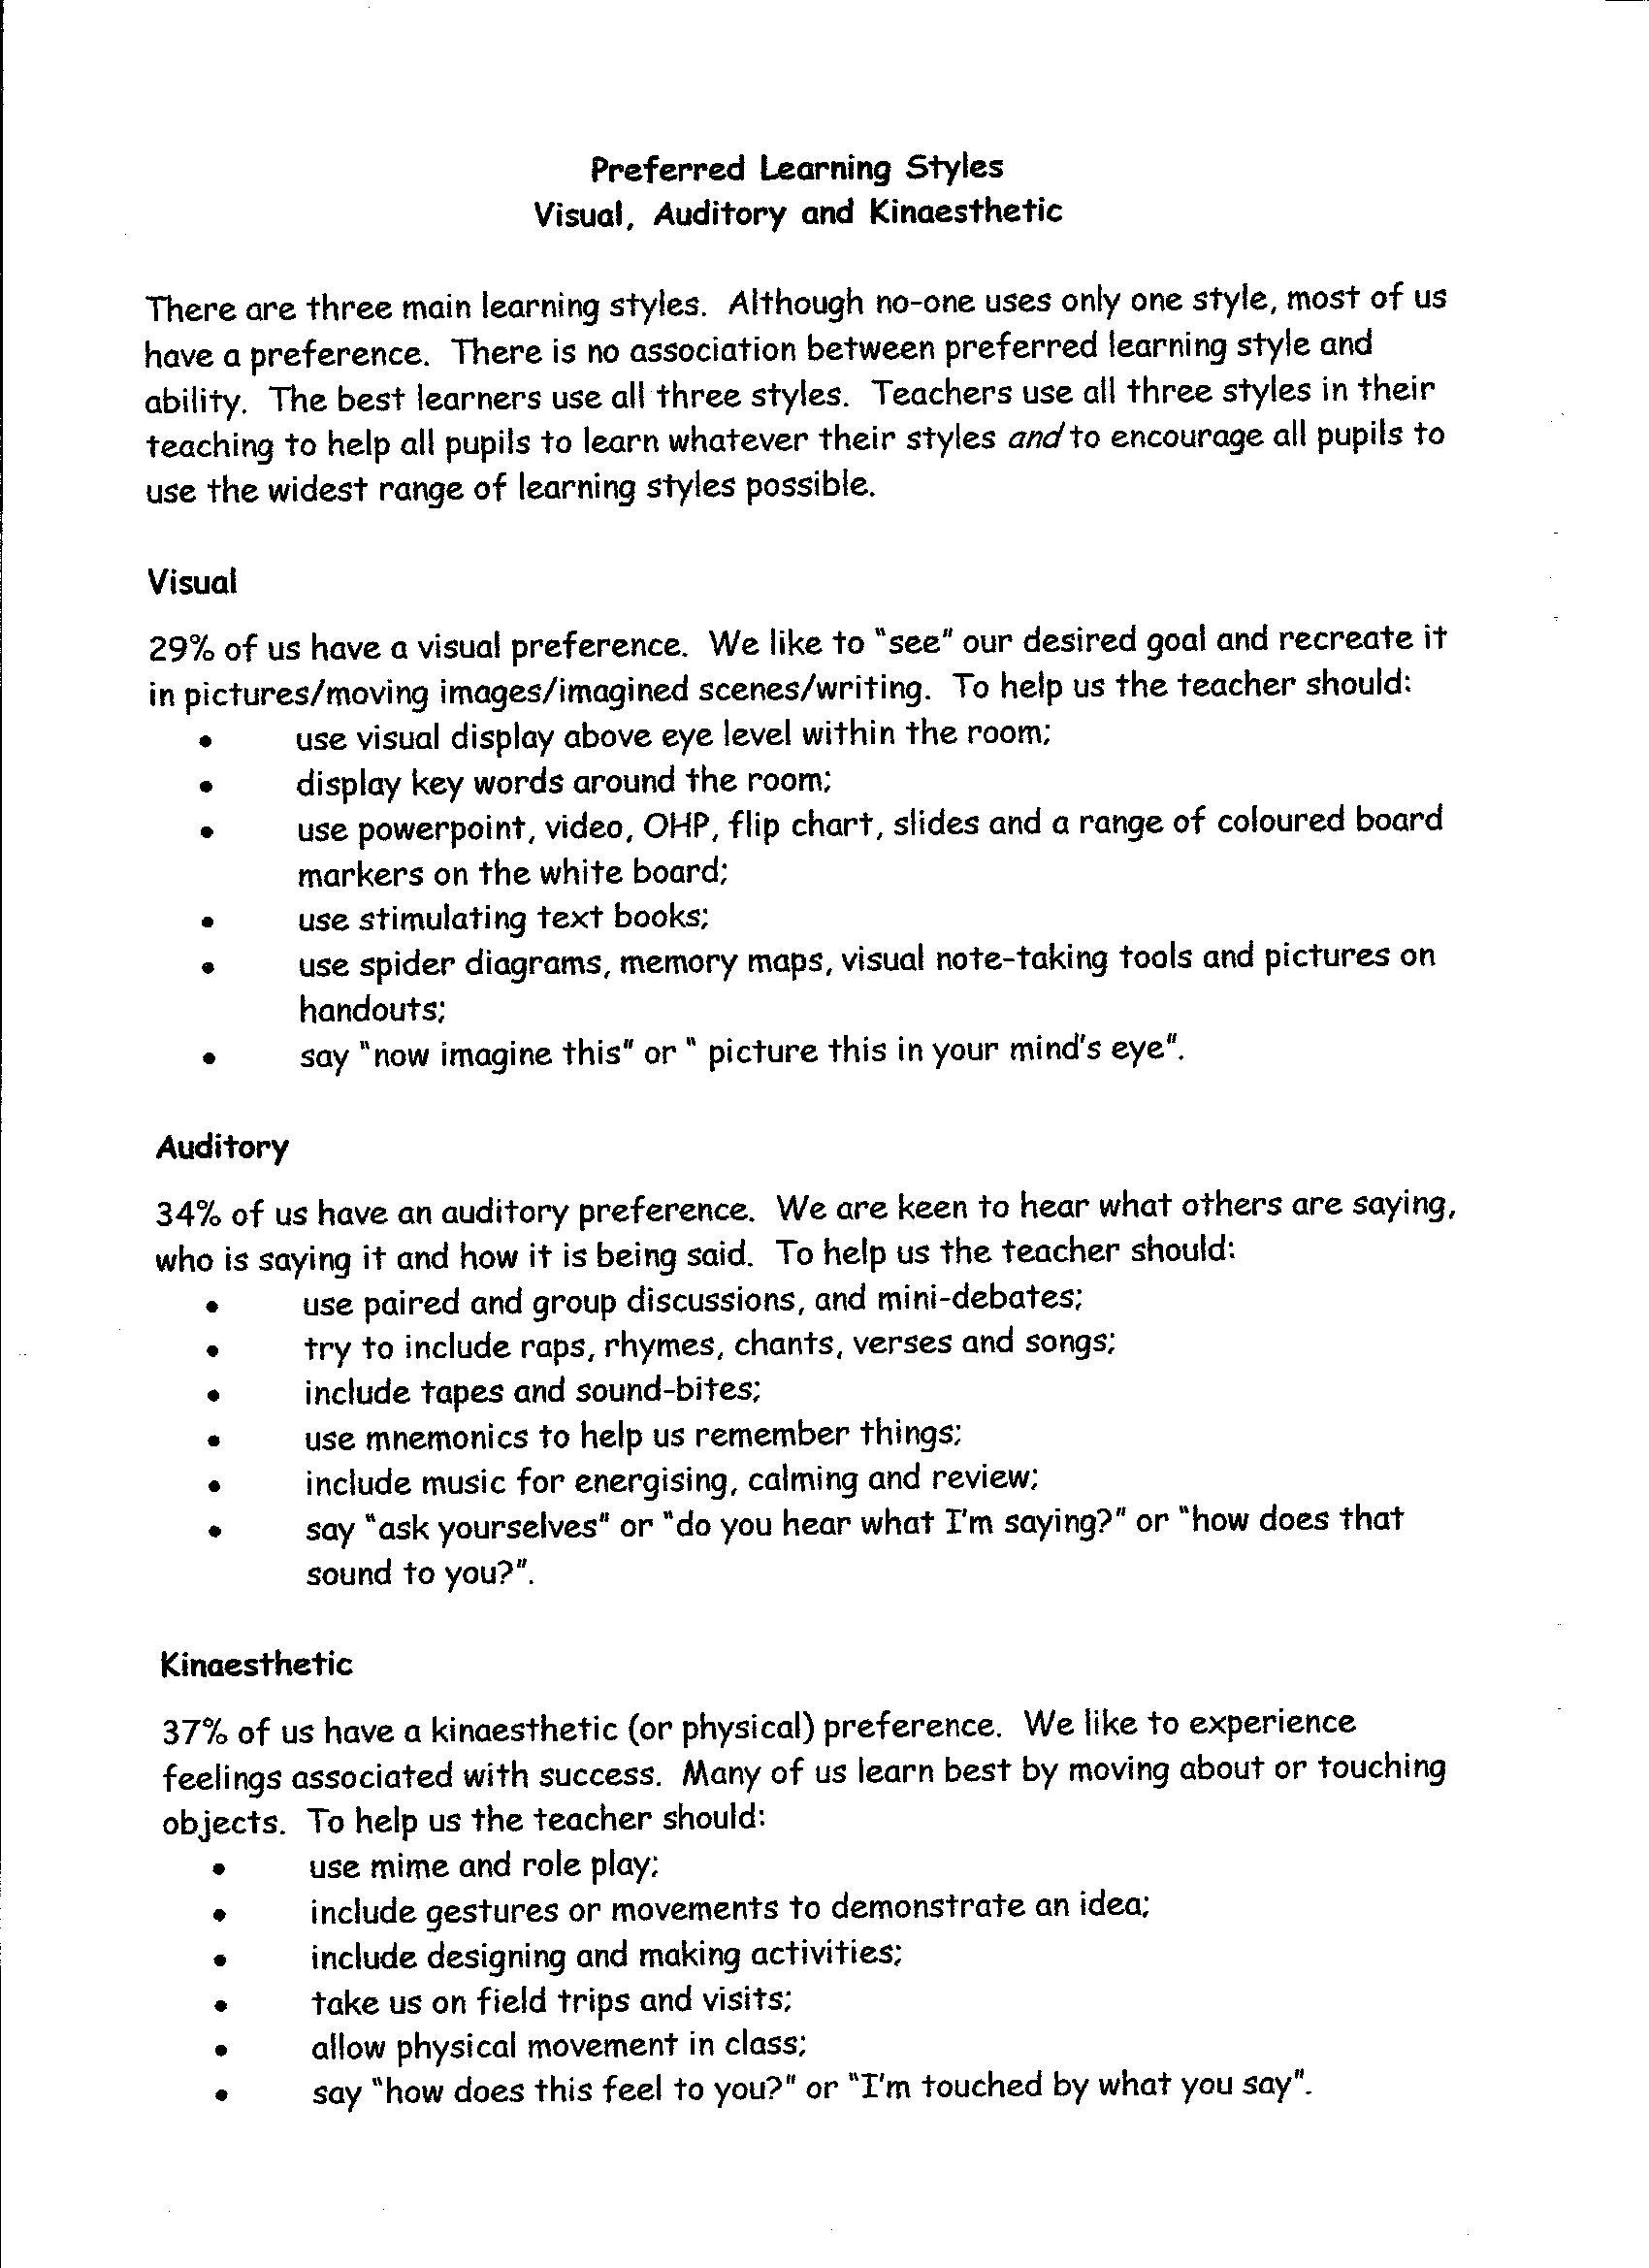 雅思写作大作文模板:单一观点式-智课